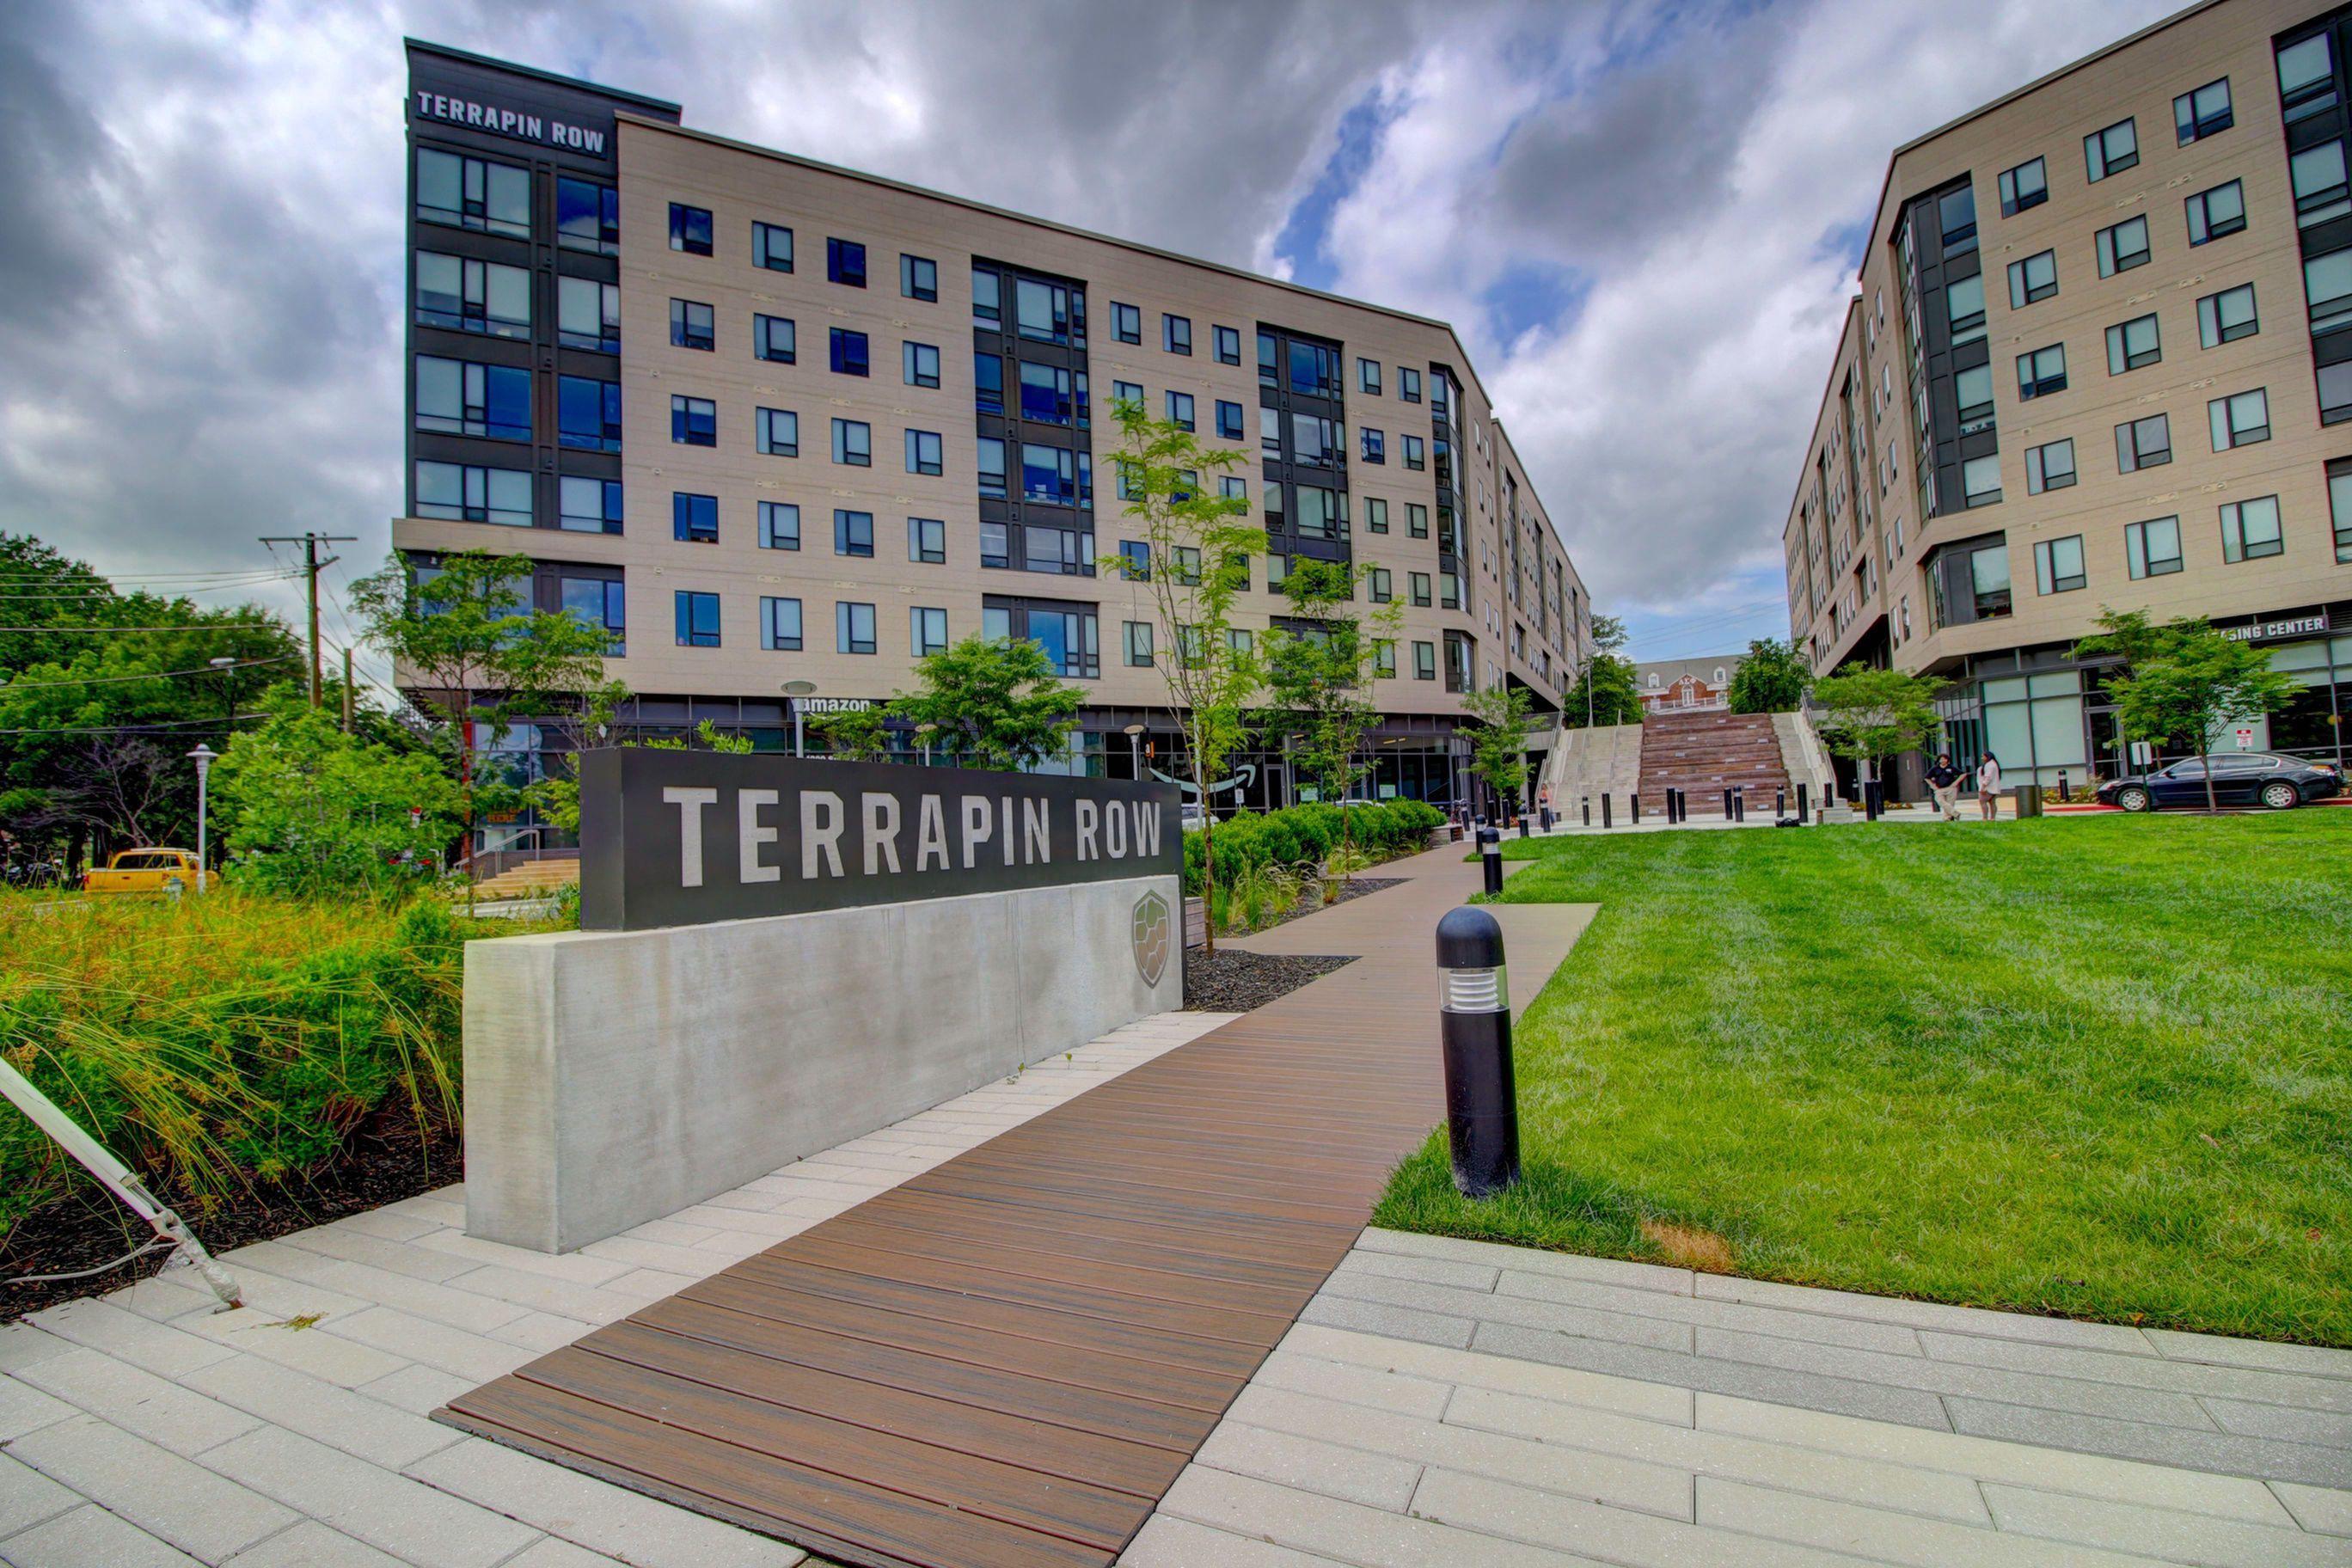 Terrapin Row